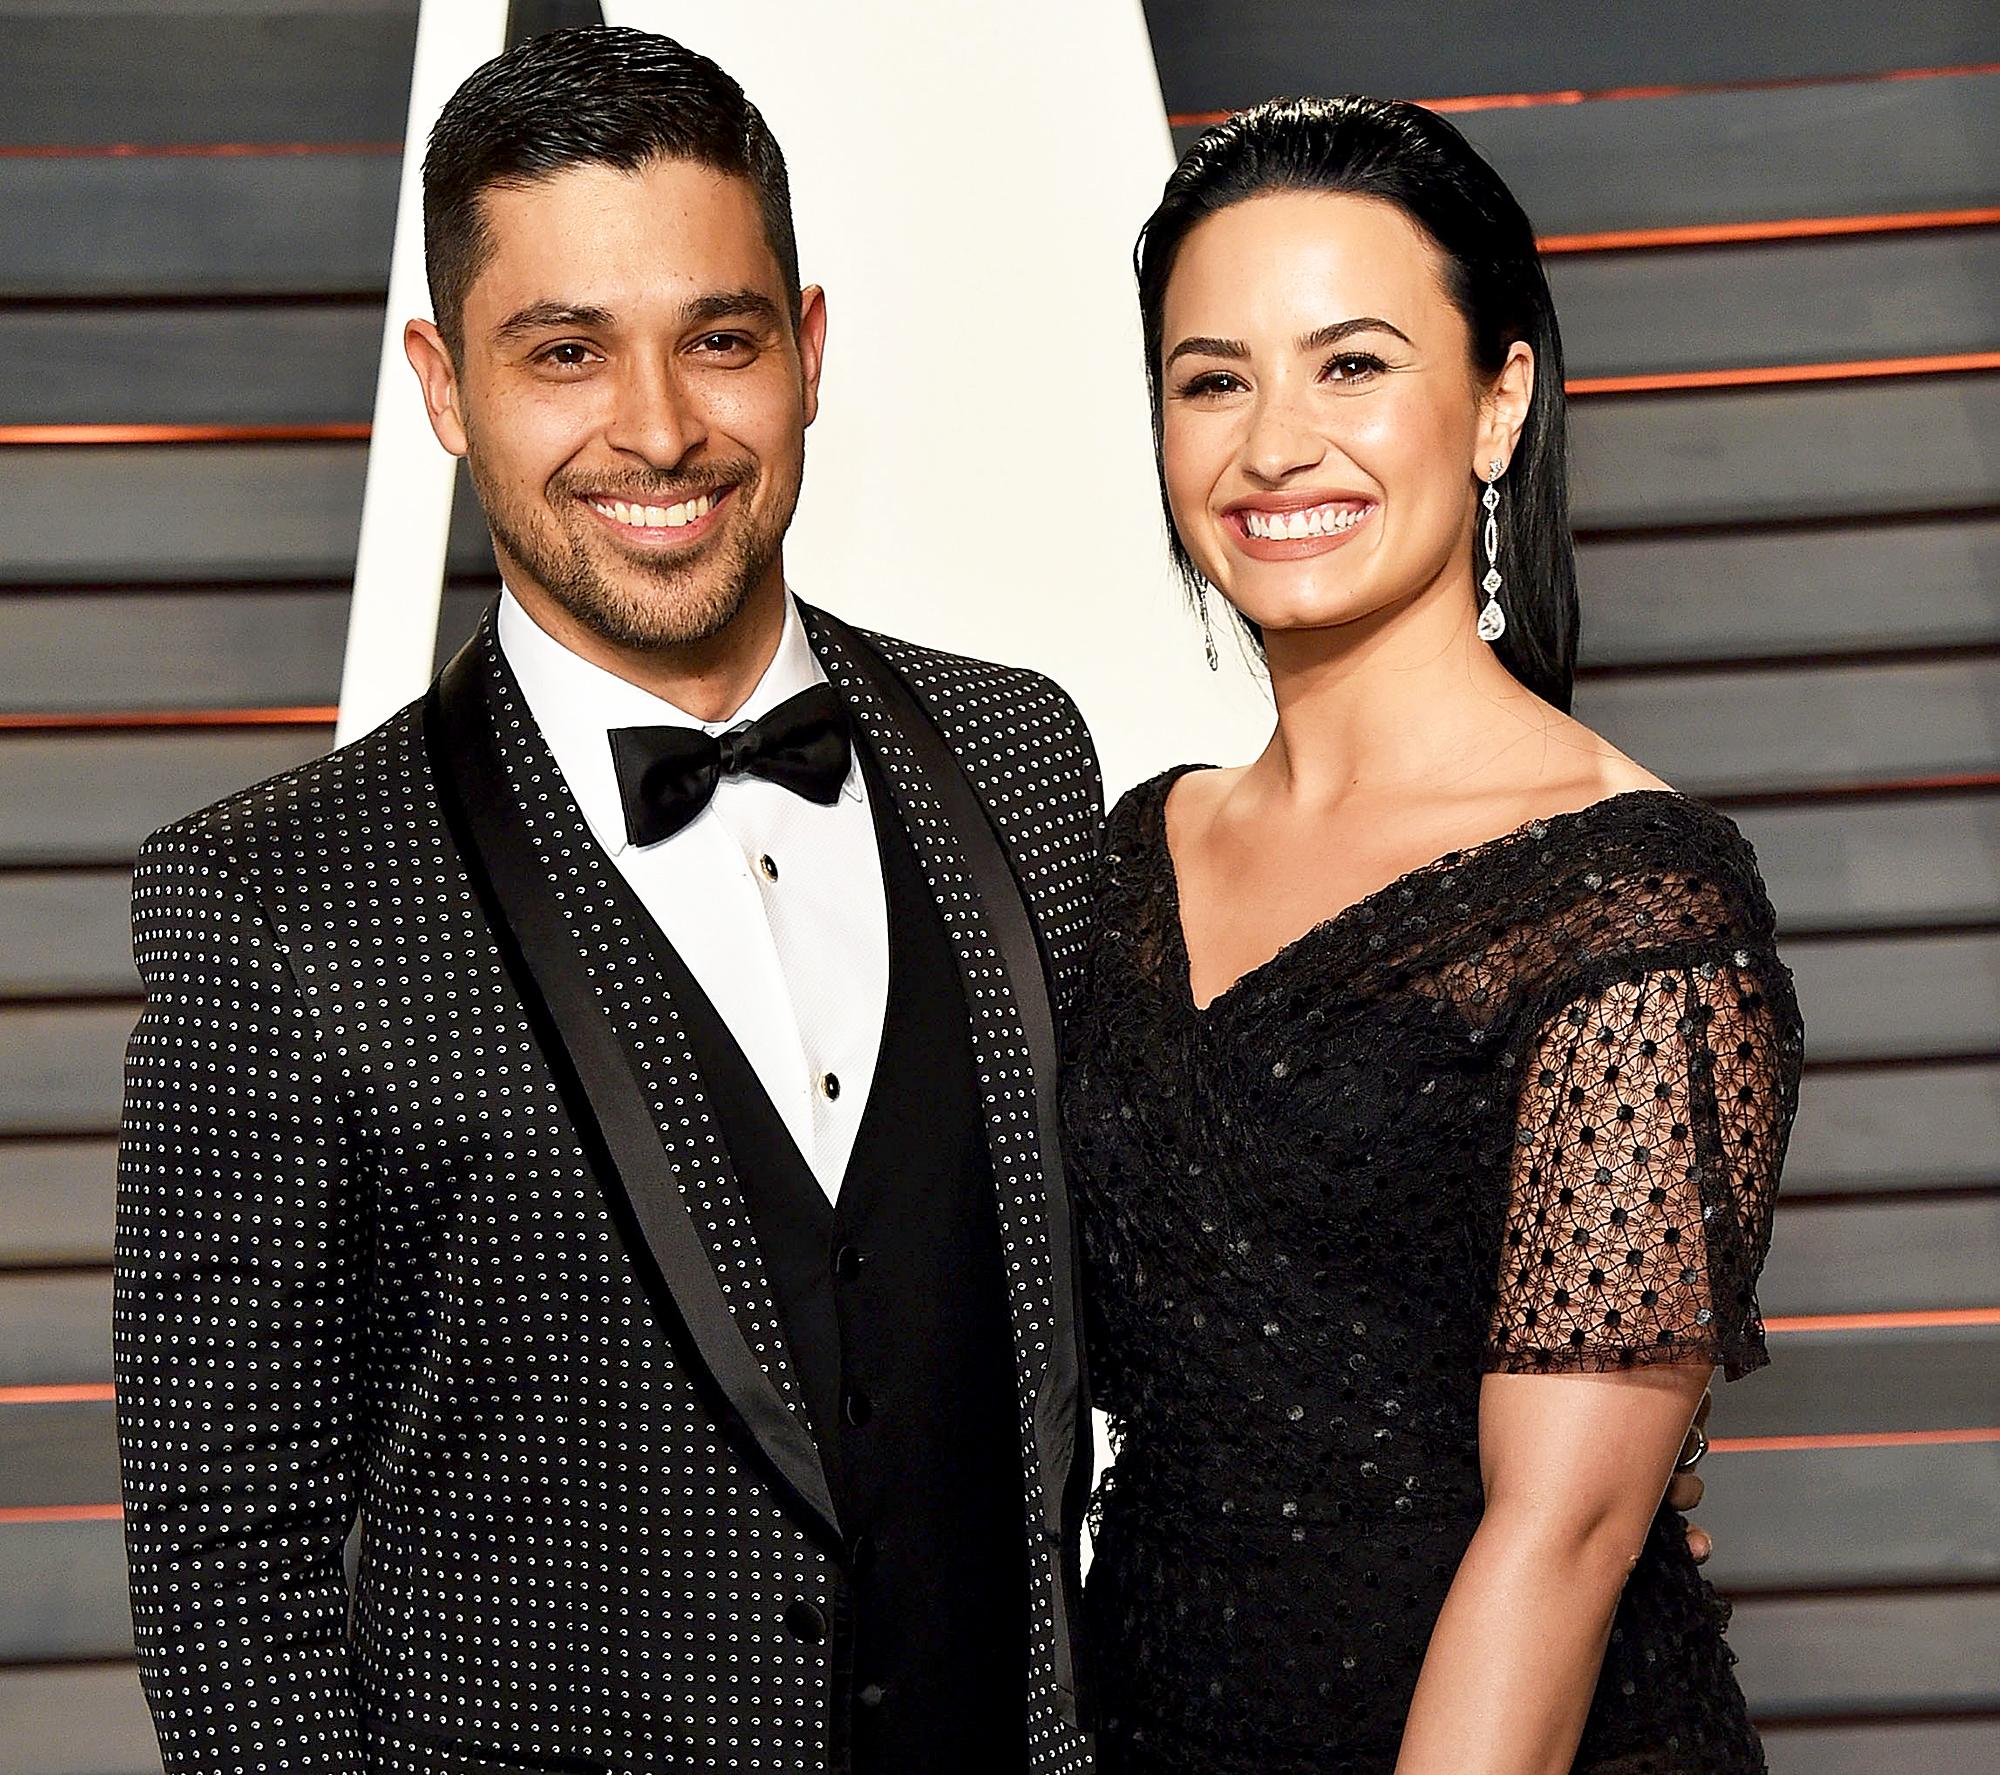 celebrity breakups Demi Lovato Wilmer Valderrama